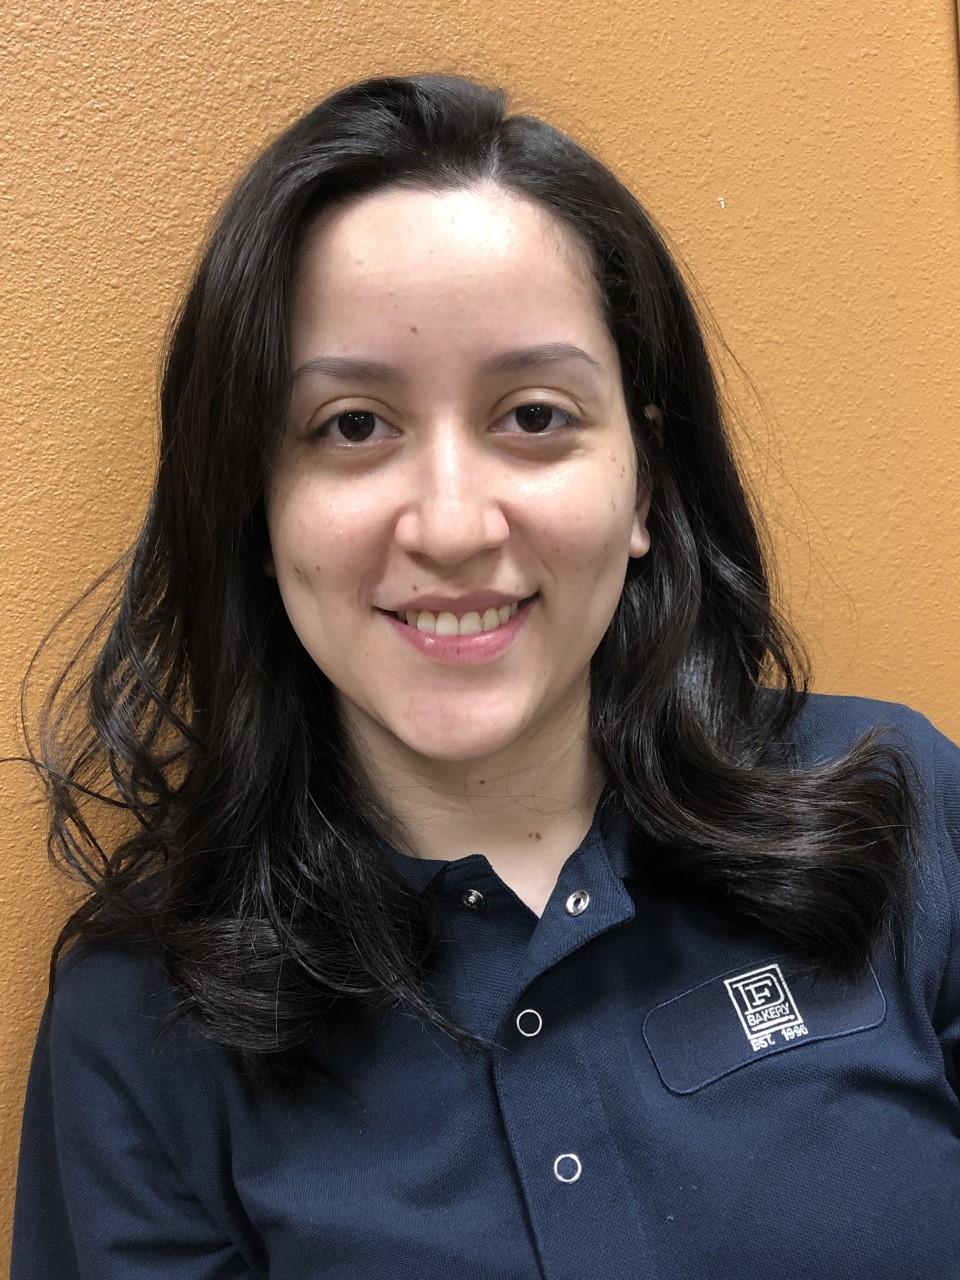 Karlen Hunter, Office Assistant & Ordering Leader at DF Bakery